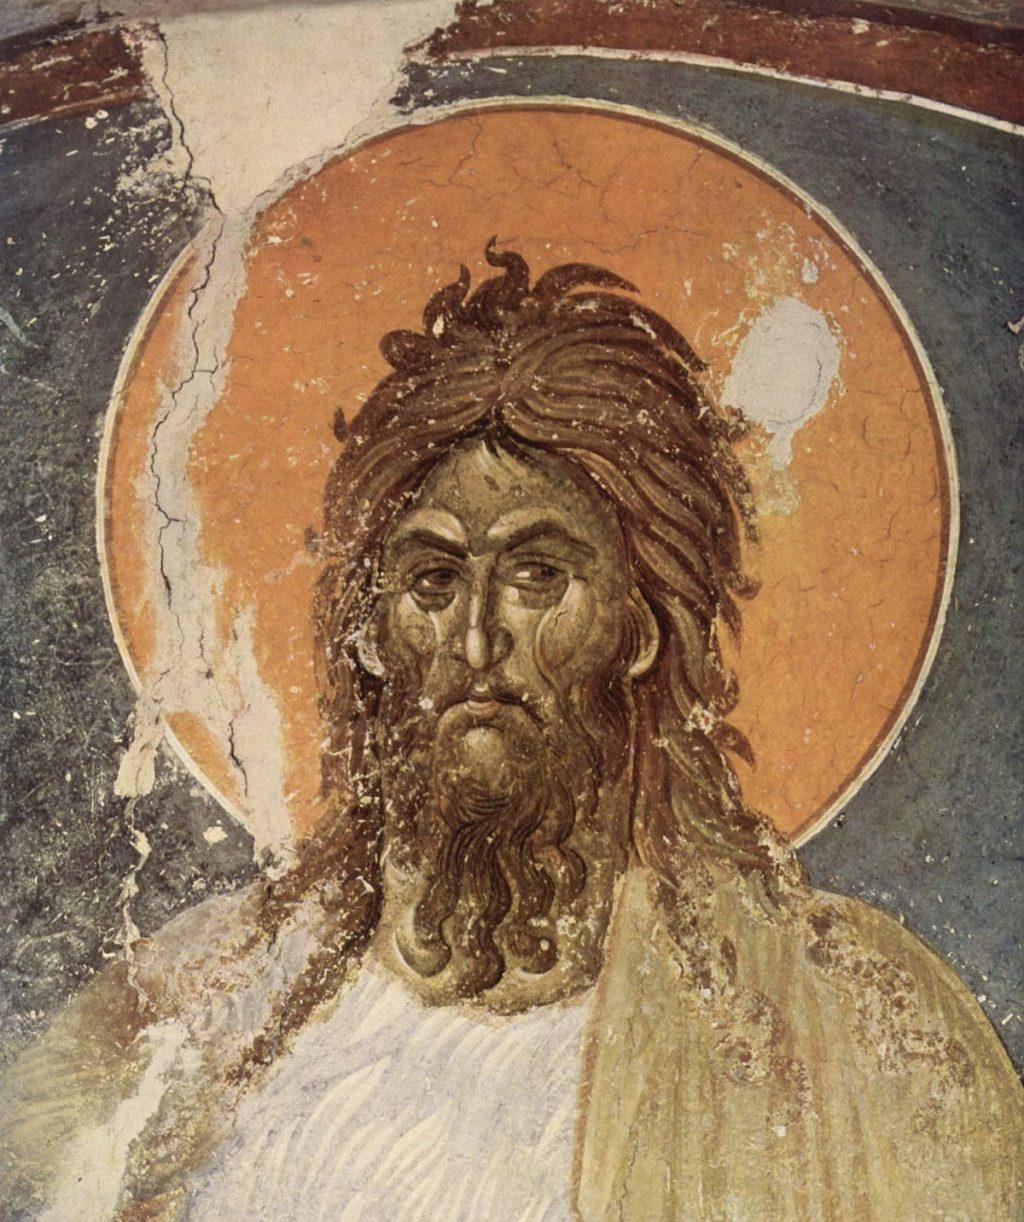 ОД КАЛЕНДАРОТ НА МПЦ: Трето наоѓање на главата на св. Јован Крстител